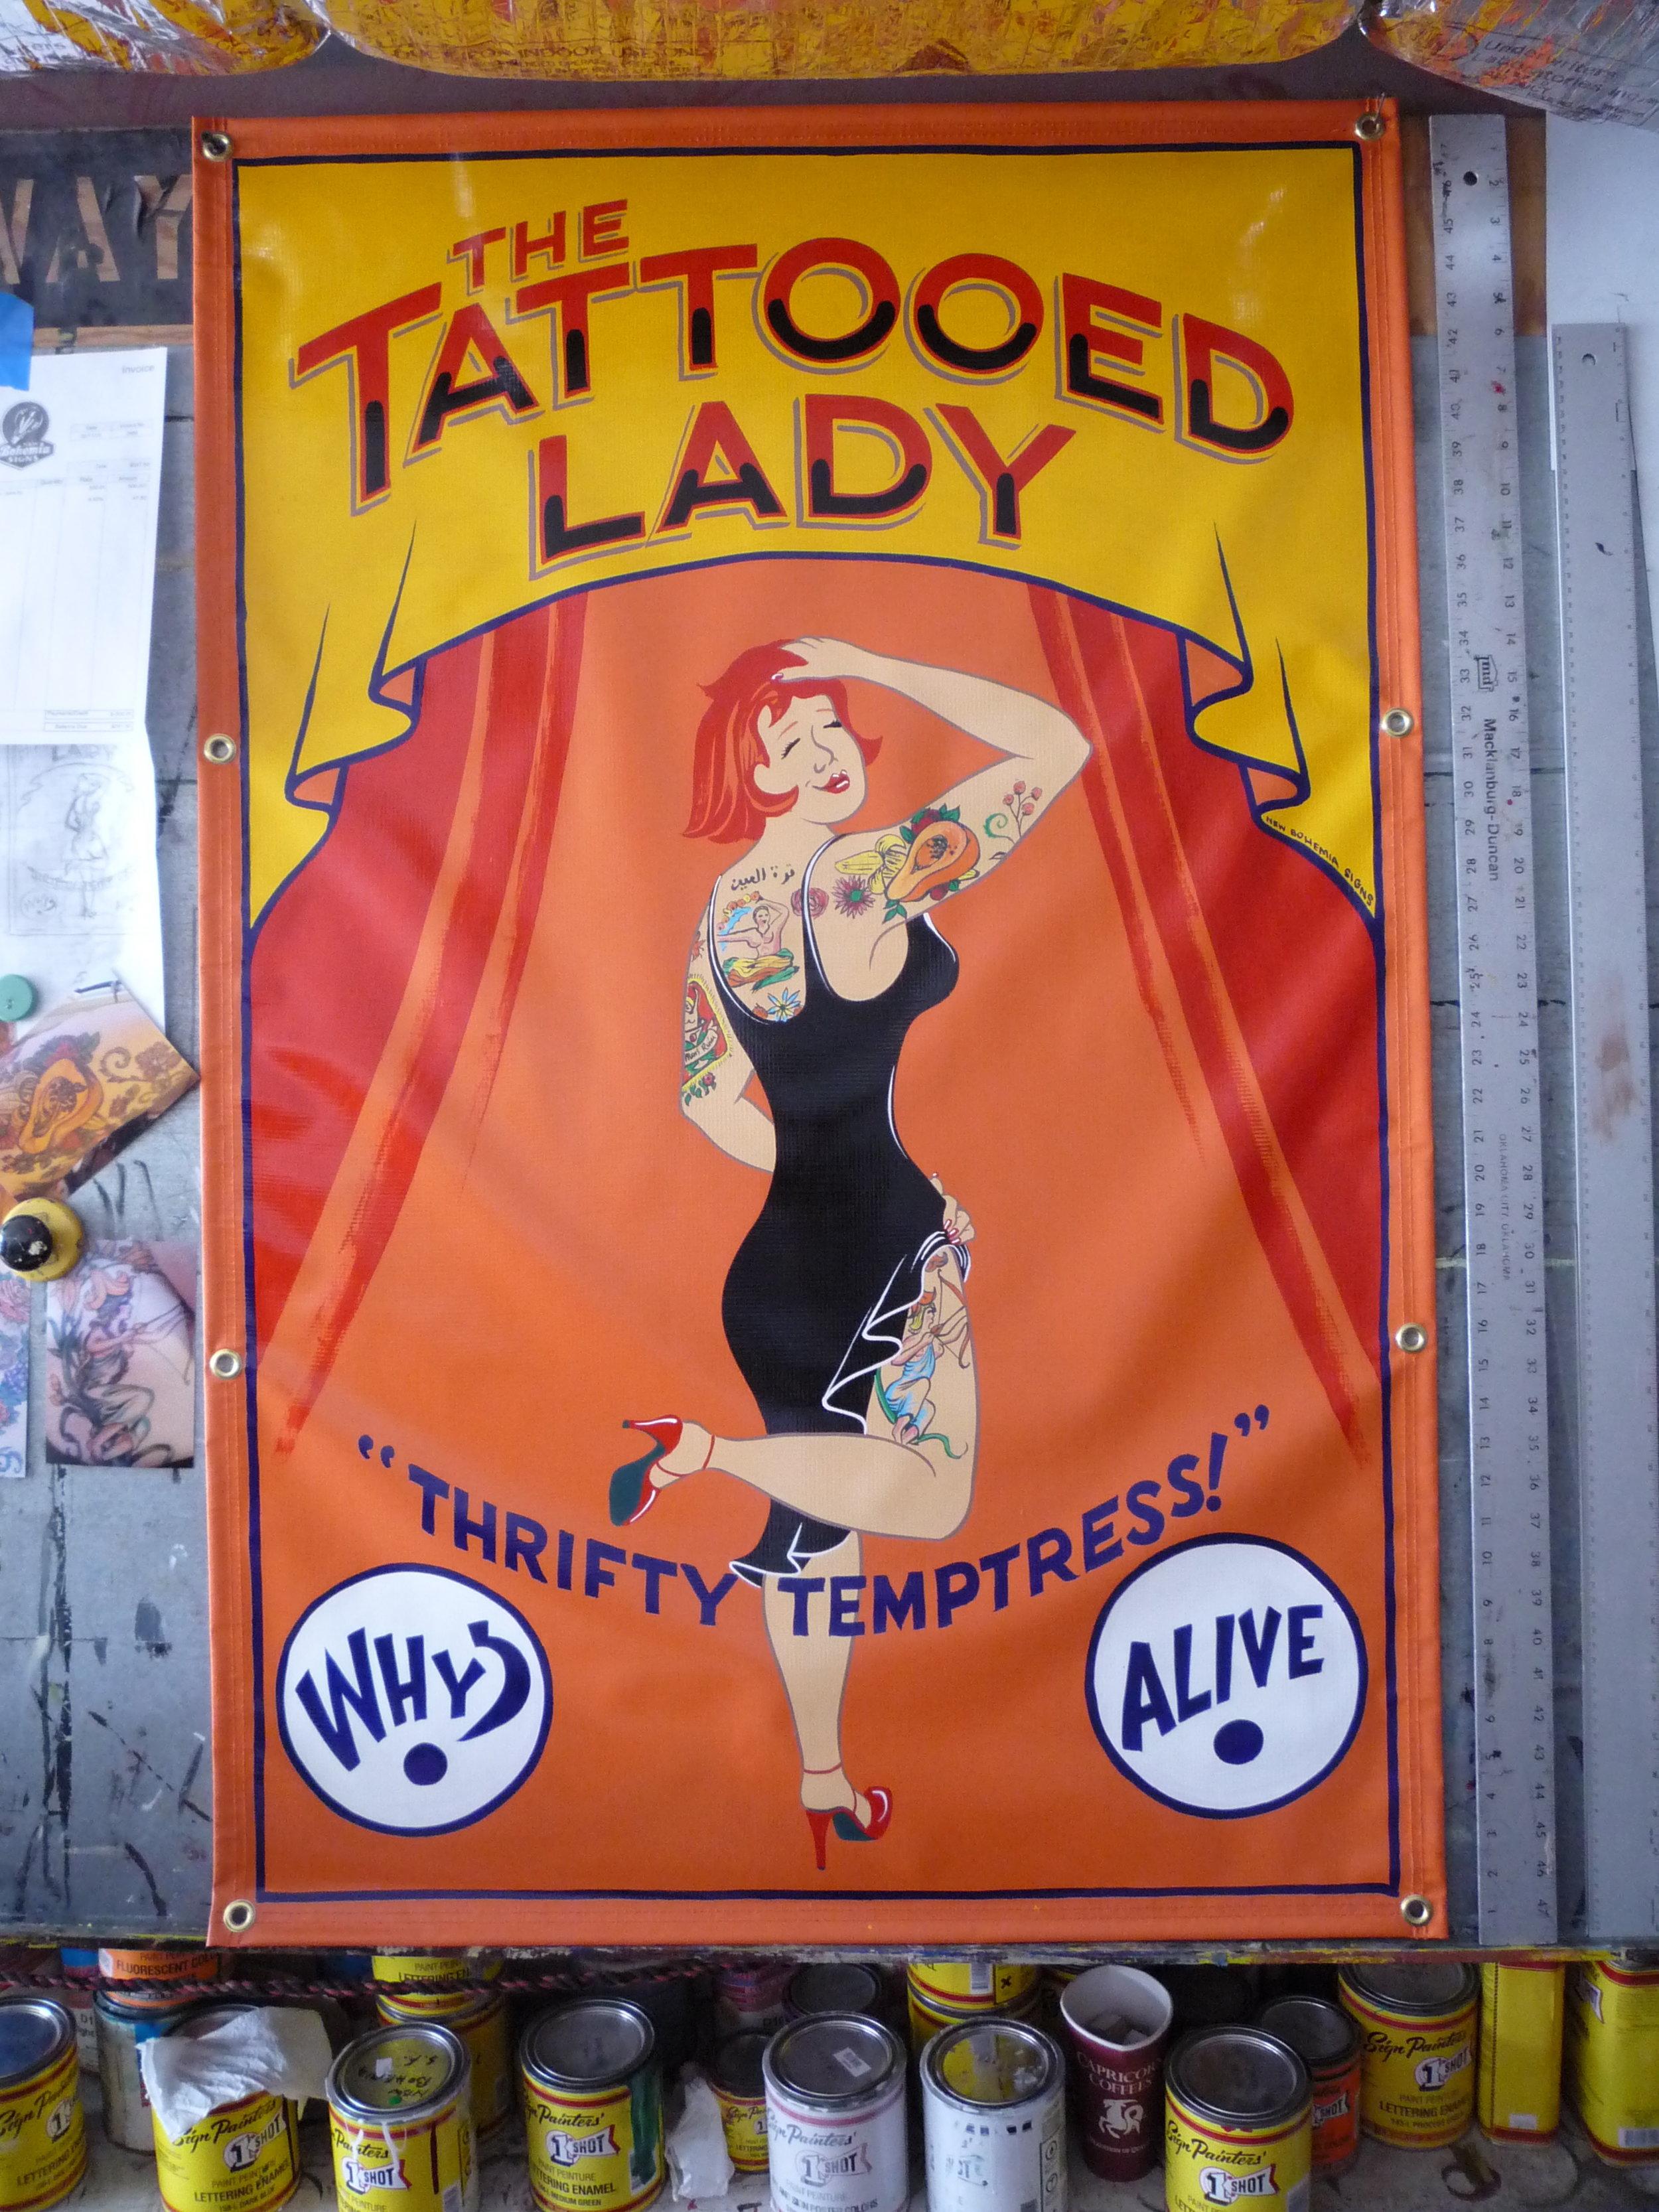 ORIG-tattooed-lady_4539146133_o.jpg